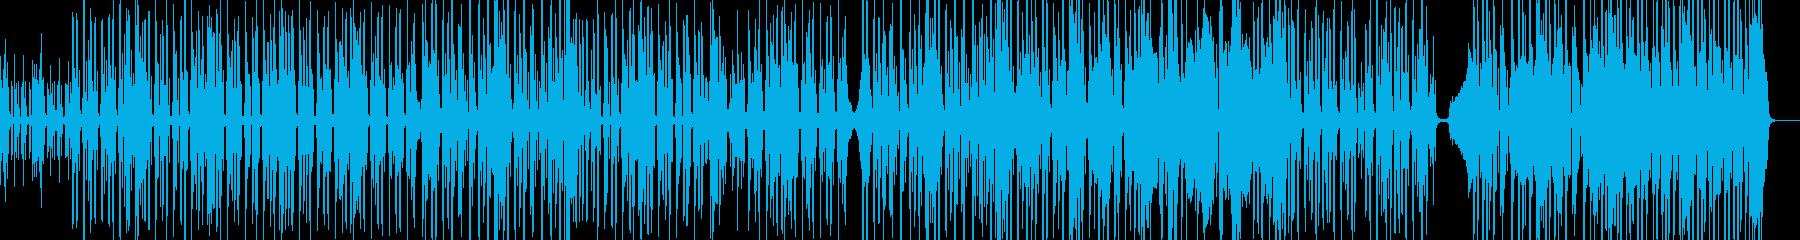 脱力系でファンキーなヒップホップ Bの再生済みの波形